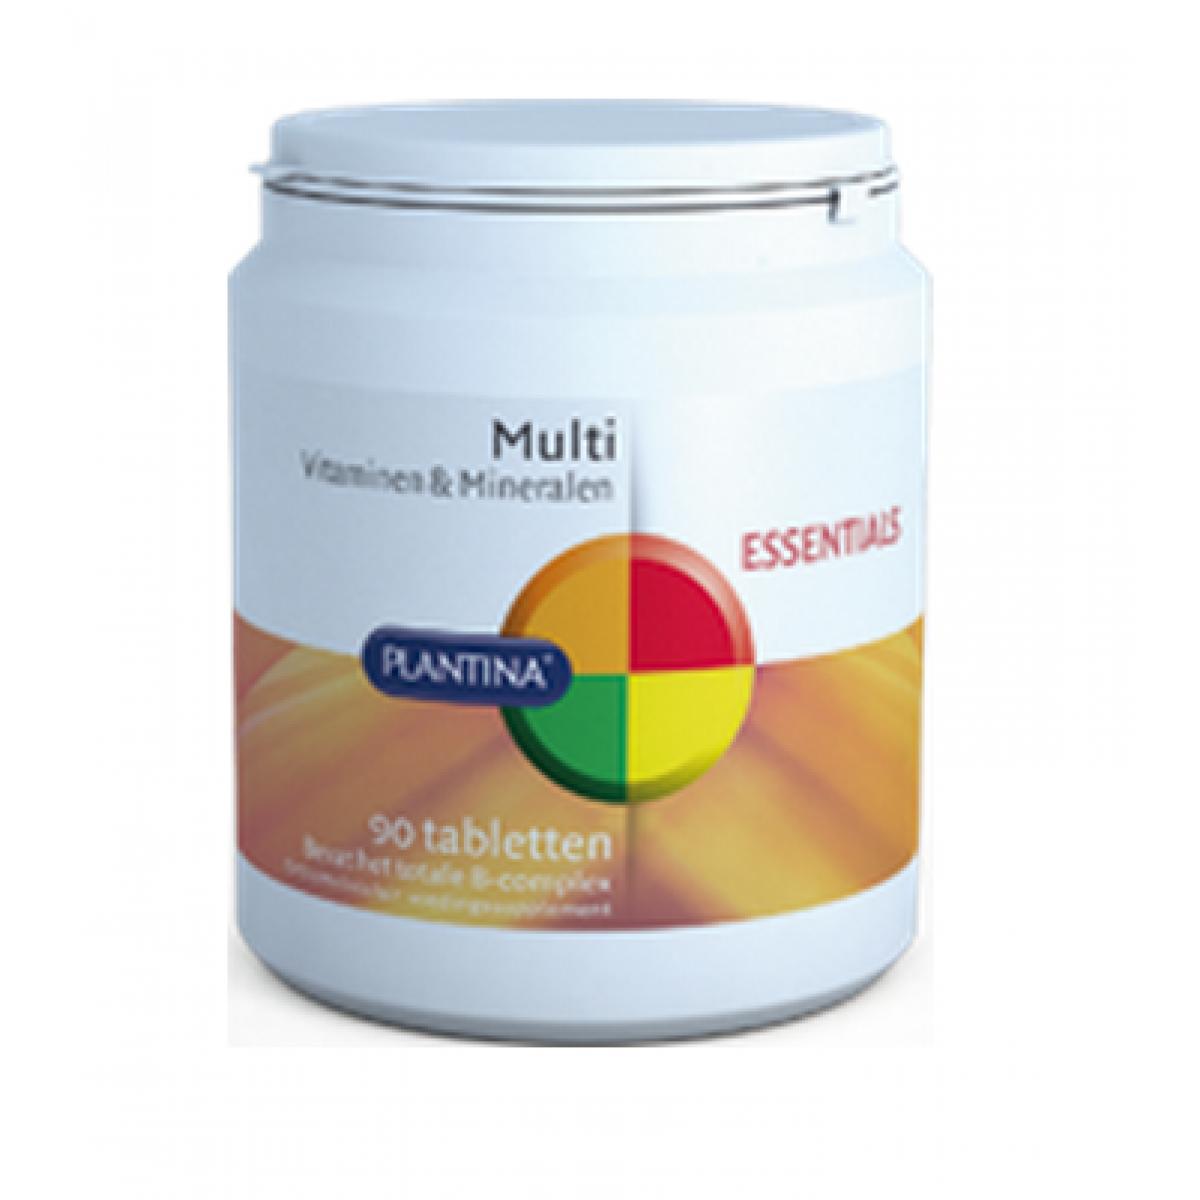 Multi Vitaminen & Mineralen 90 Tabletten